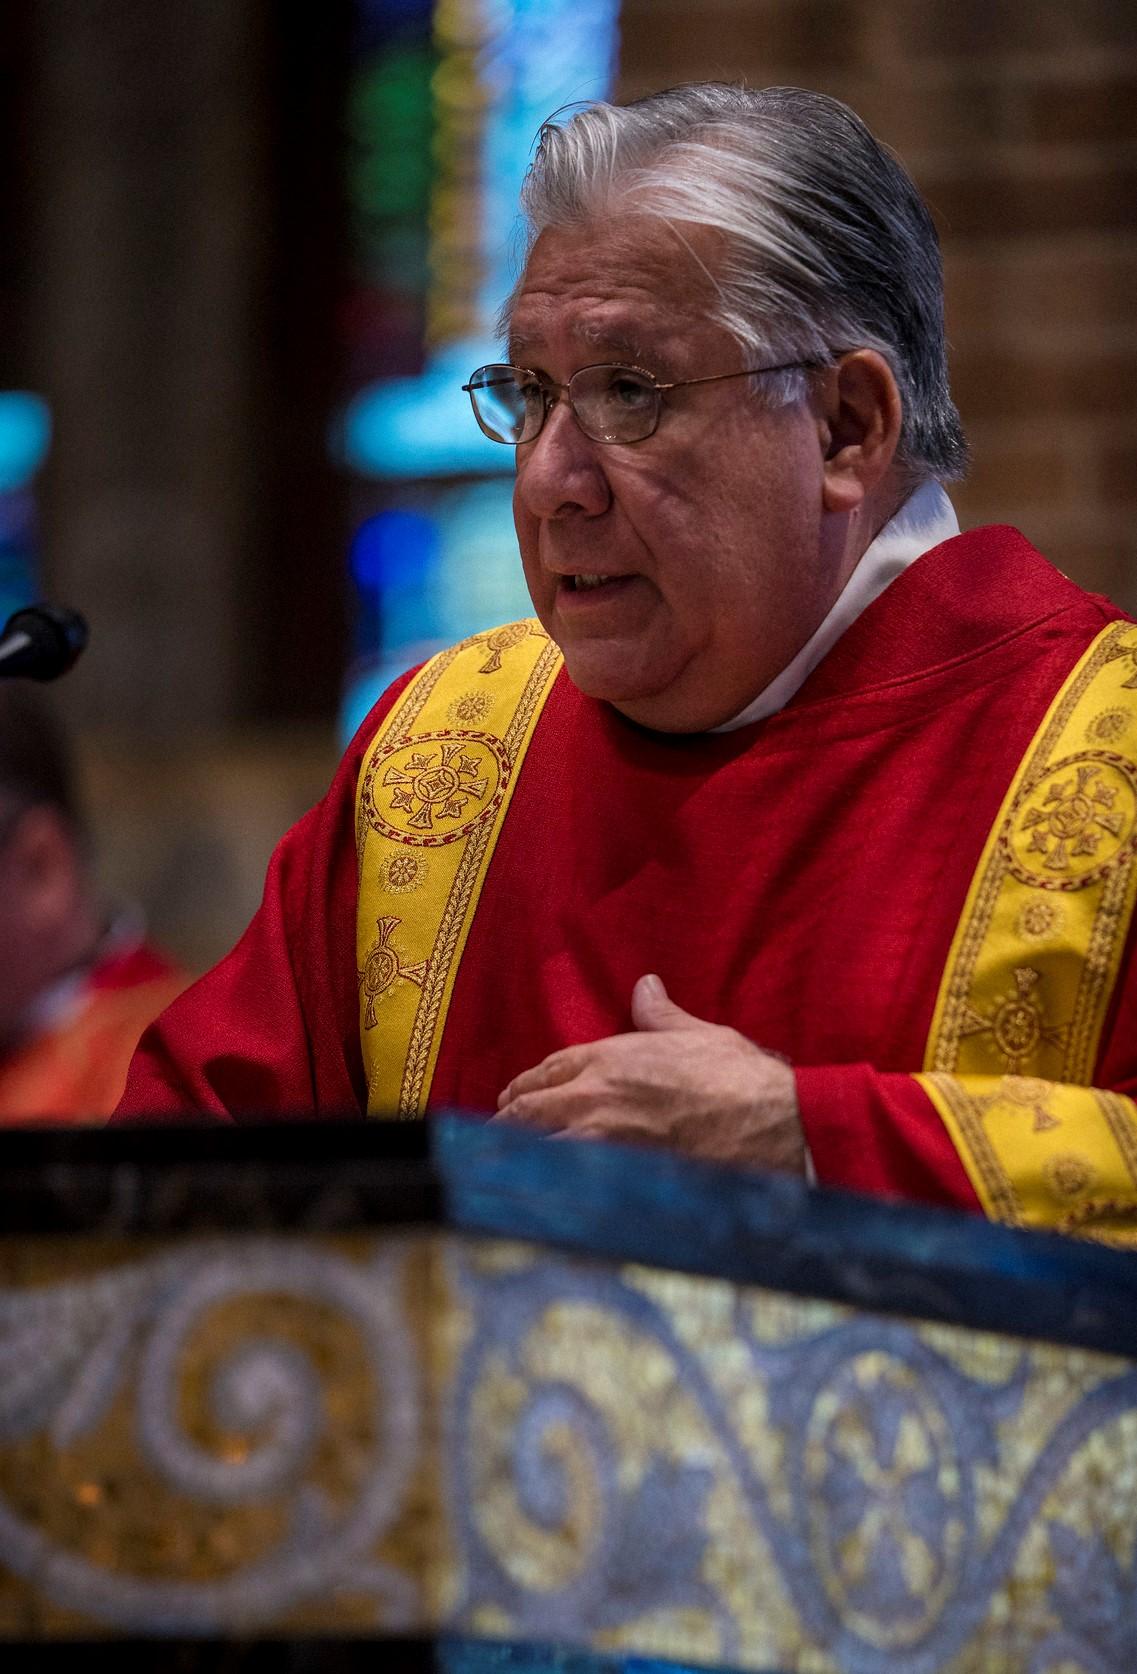 Dcn. Fred Arrambidez